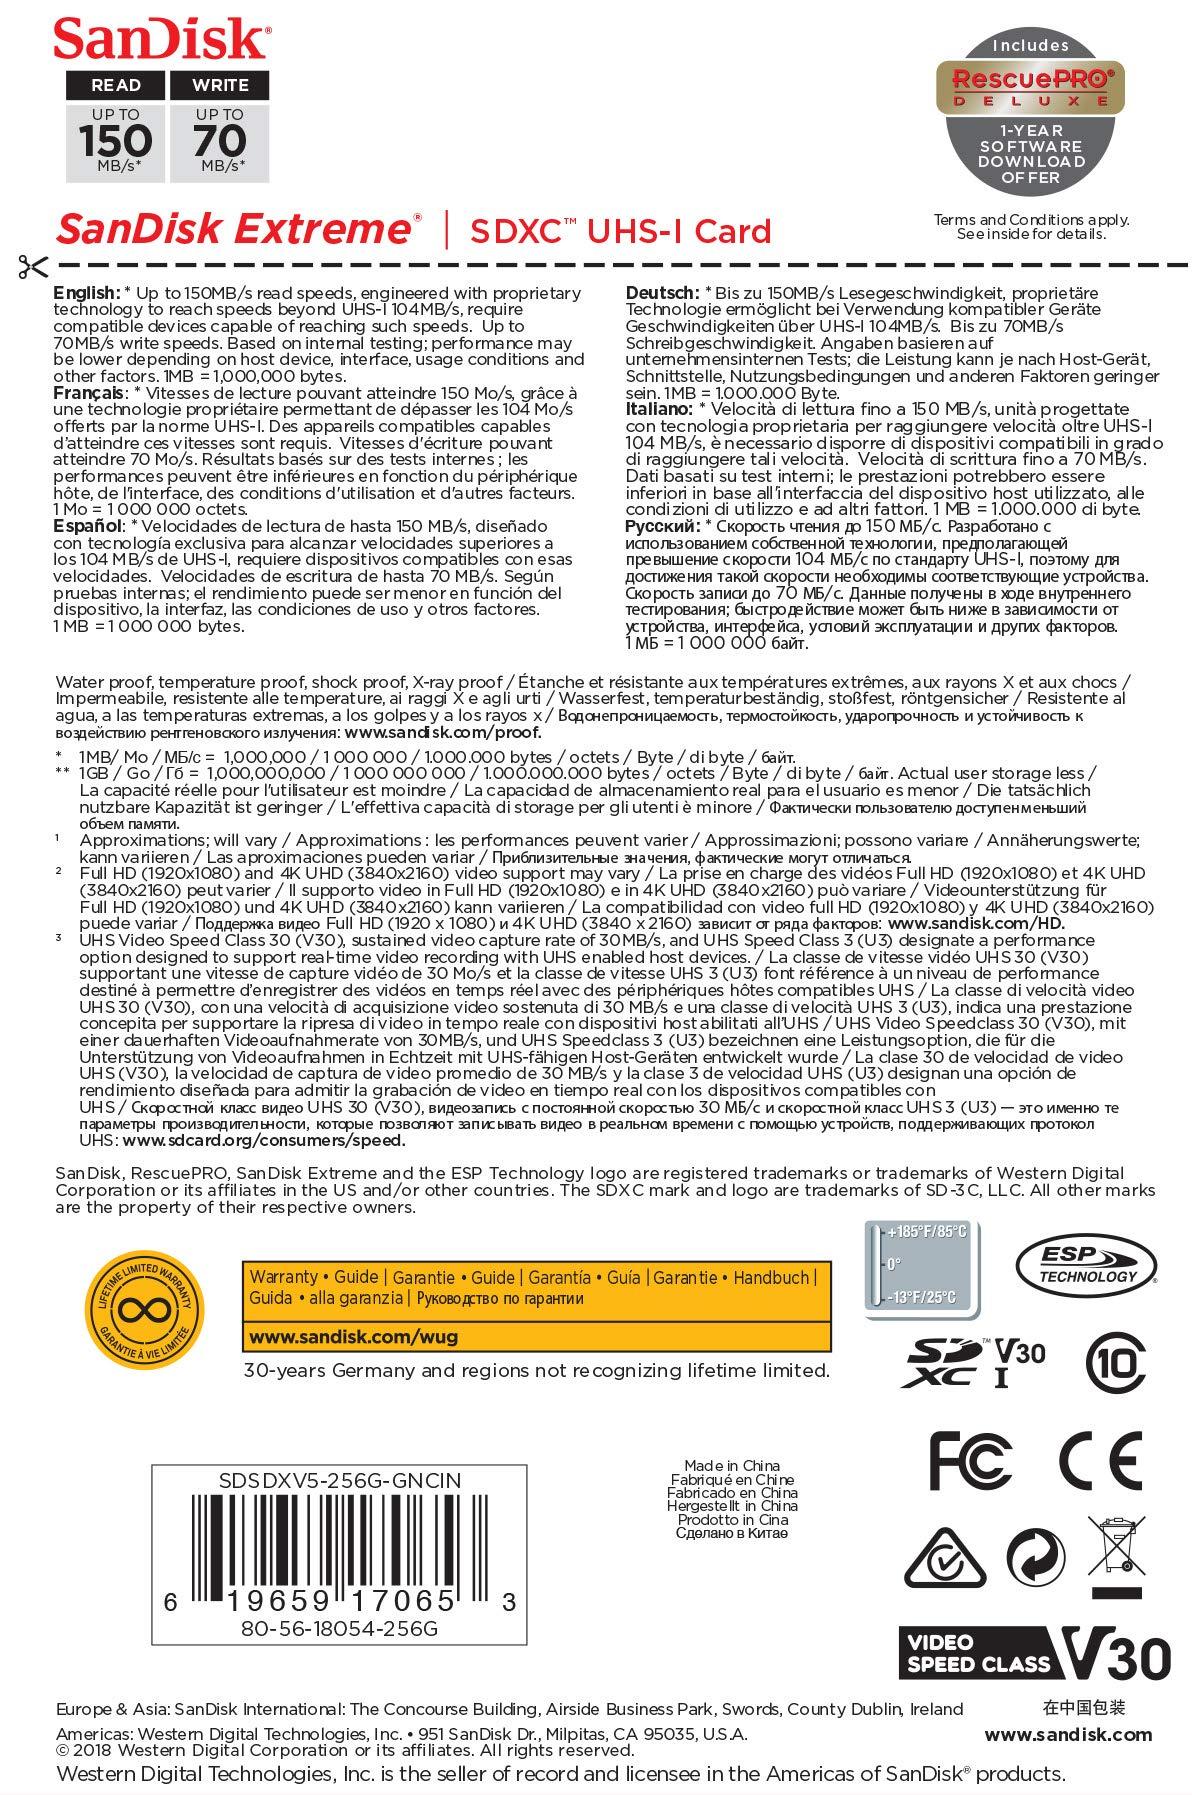 SanDisk 256GB Extreme SDXC UHS-I Card - C10, U3, V30, 4K UHD, SD Card - SDSDXV5-256G-GNCIN by SanDisk (Image #5)